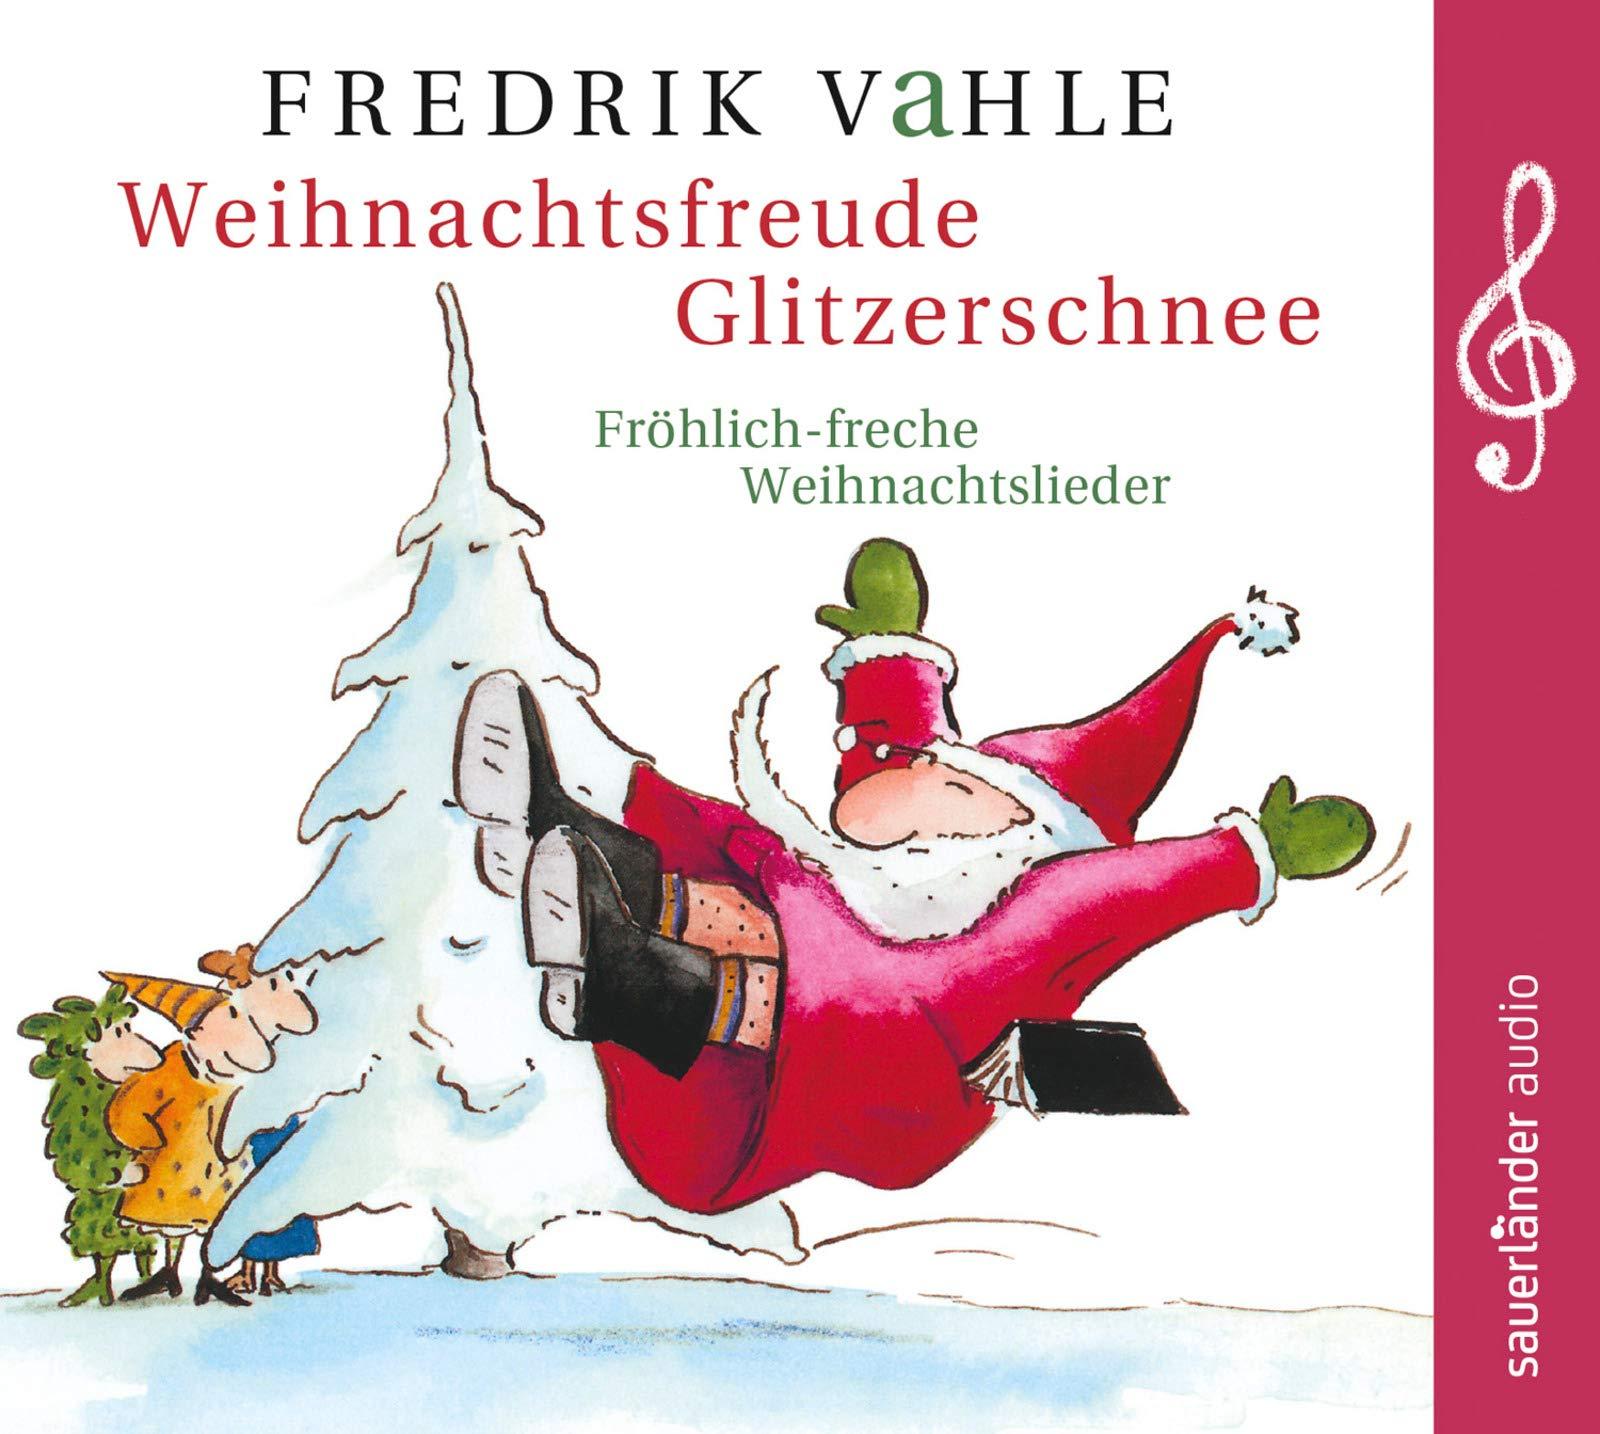 Weihnachtsfreude Glitzerschnee: Fröhlich-freche Weihnachtslieder ...